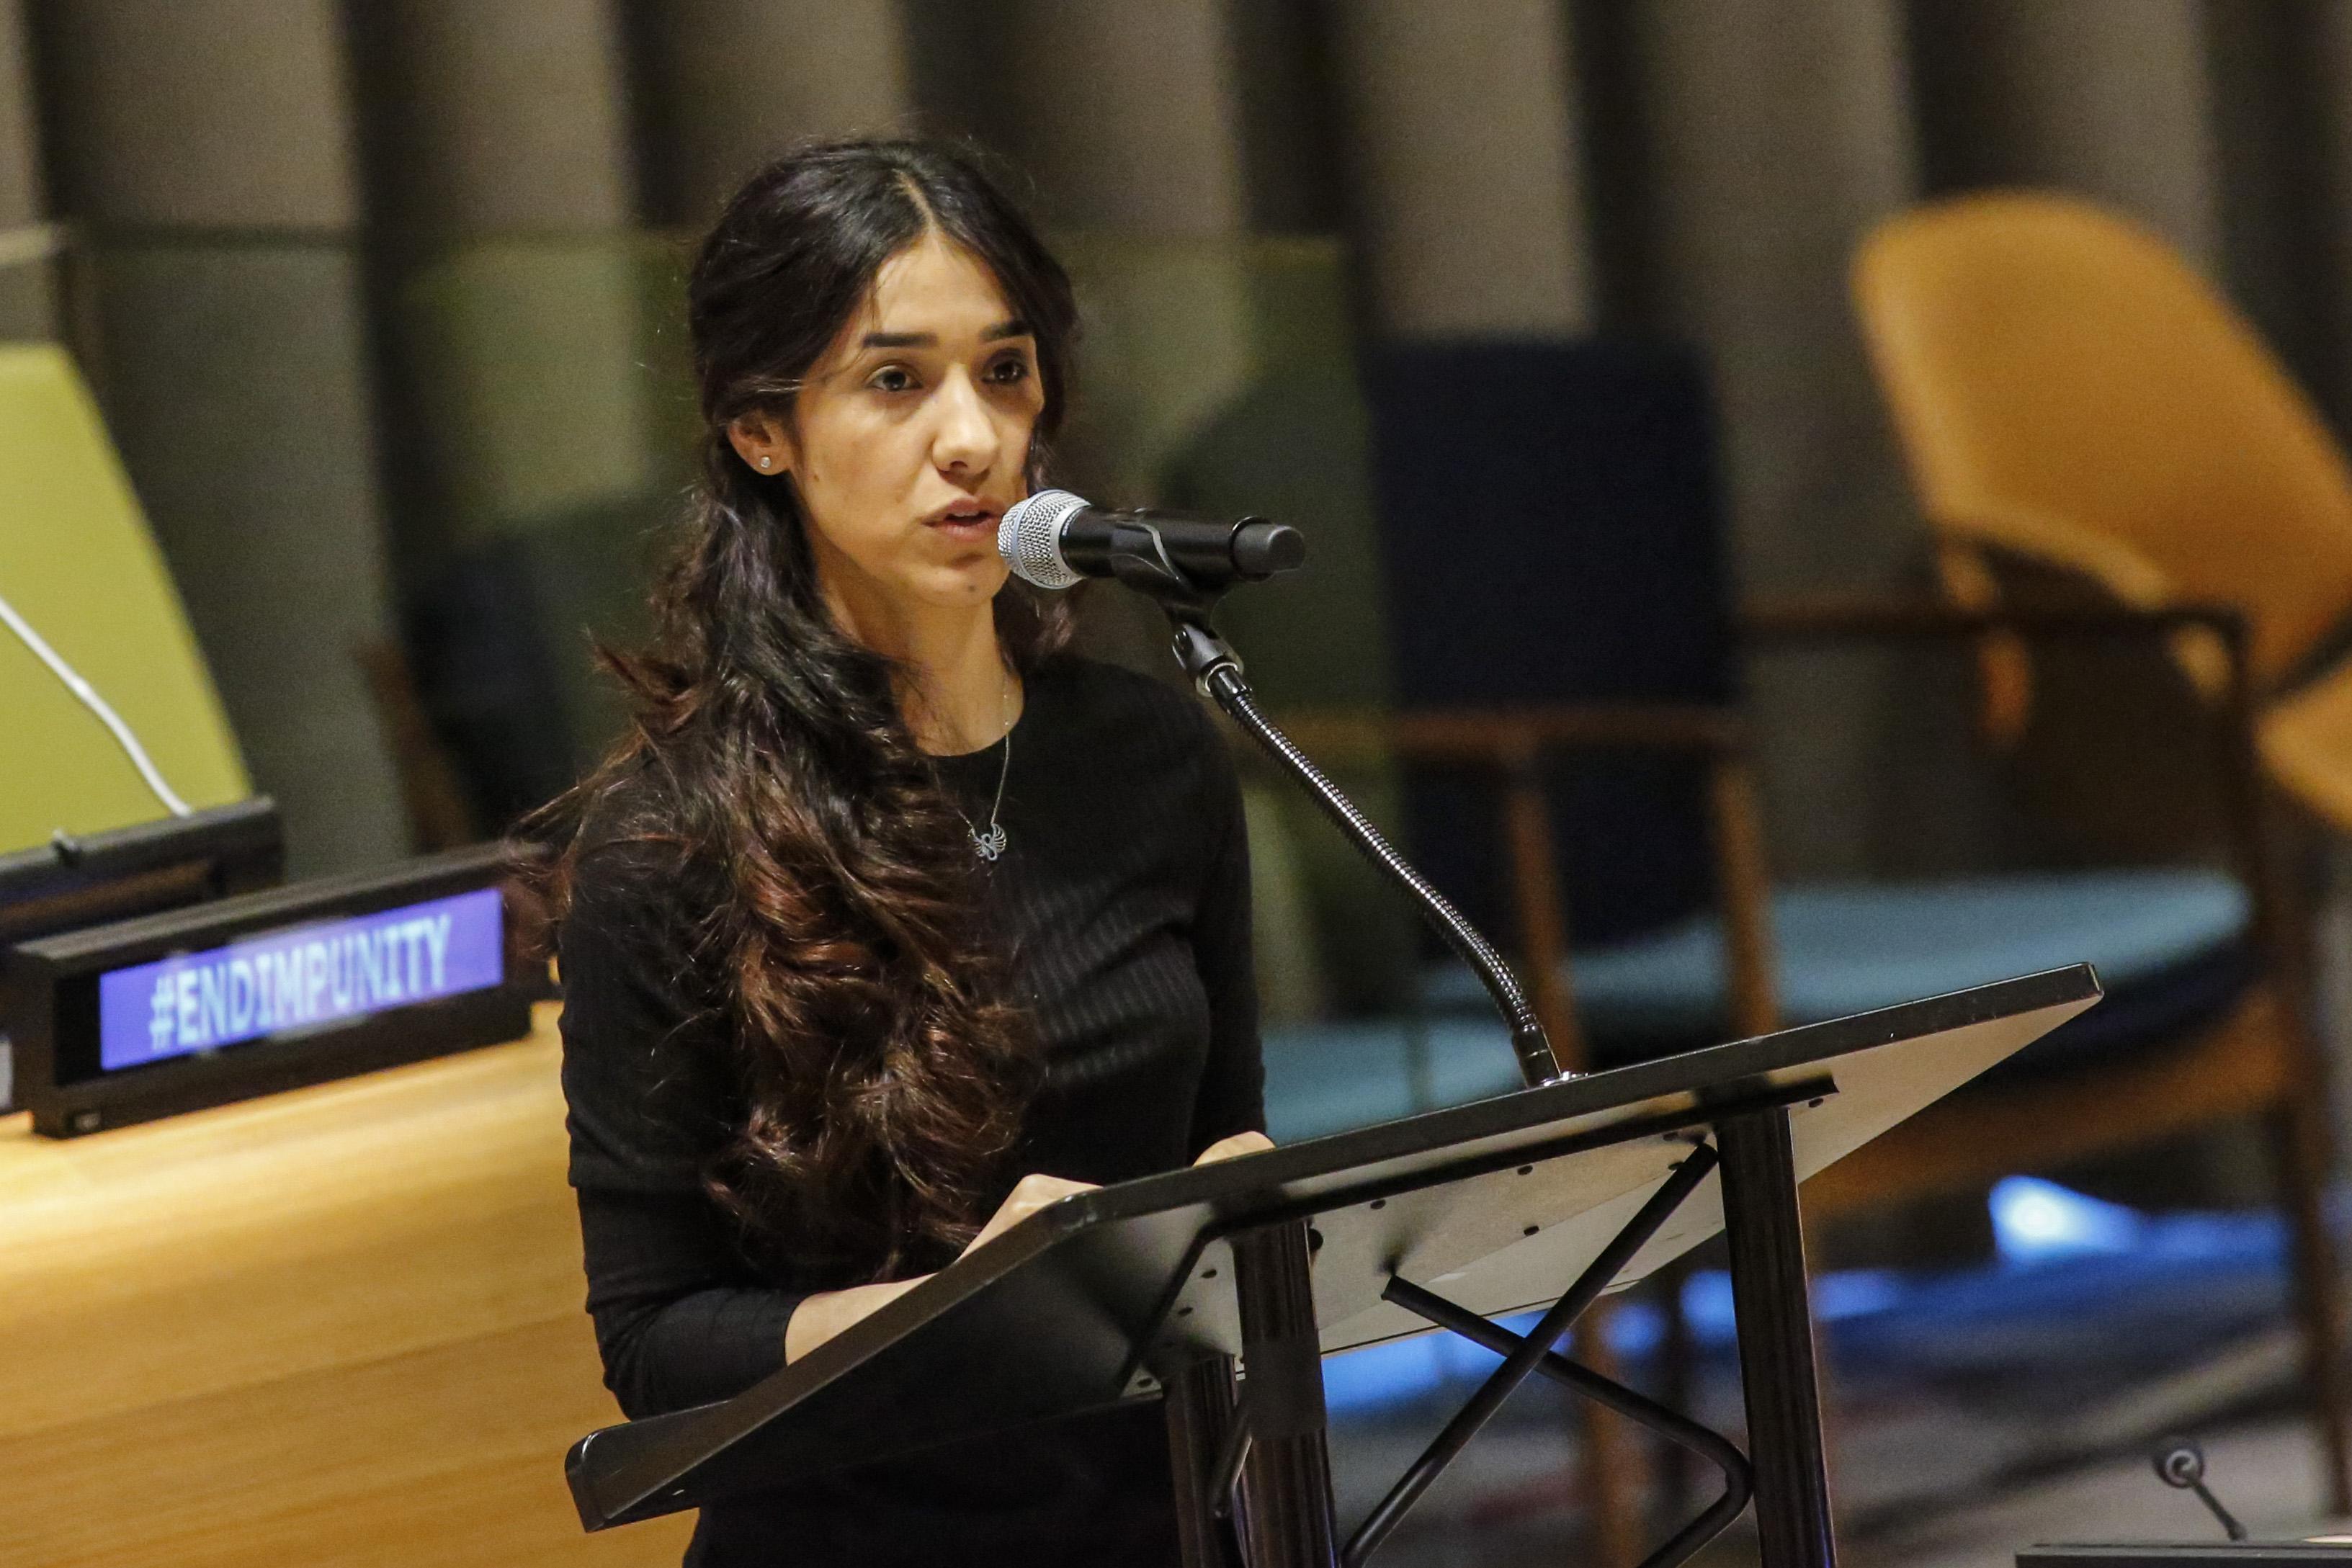 ناديا مراد متحدثة في المقر الرئيسي للأمم المتحدة في نيويورك